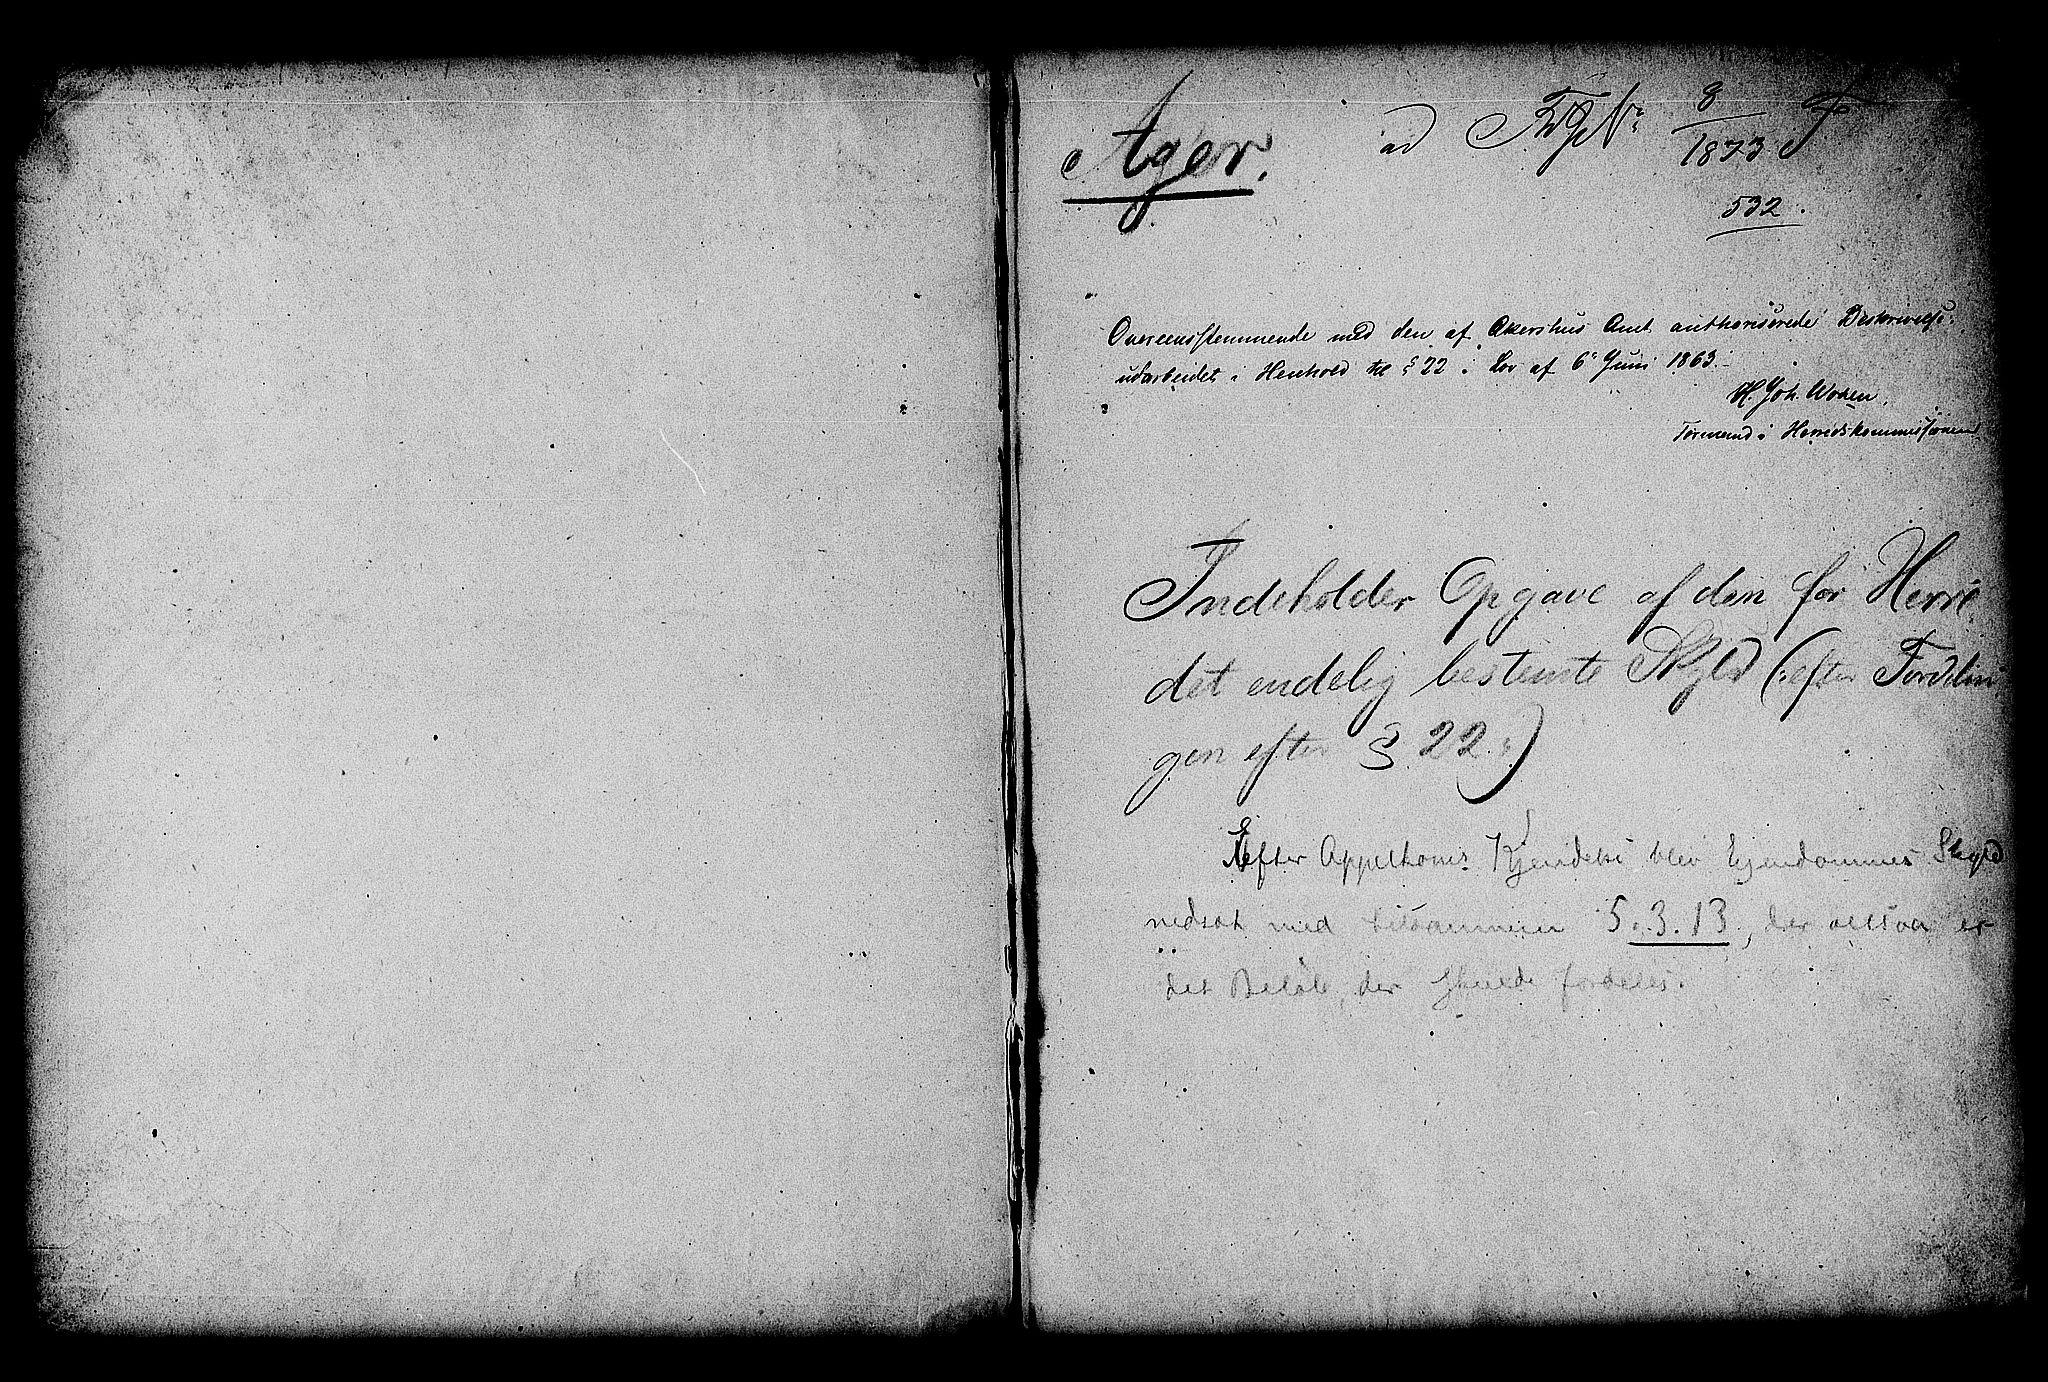 RA, Matrikkelrevisjonen av 1863, F/Fe/L0028: Aker, 1863